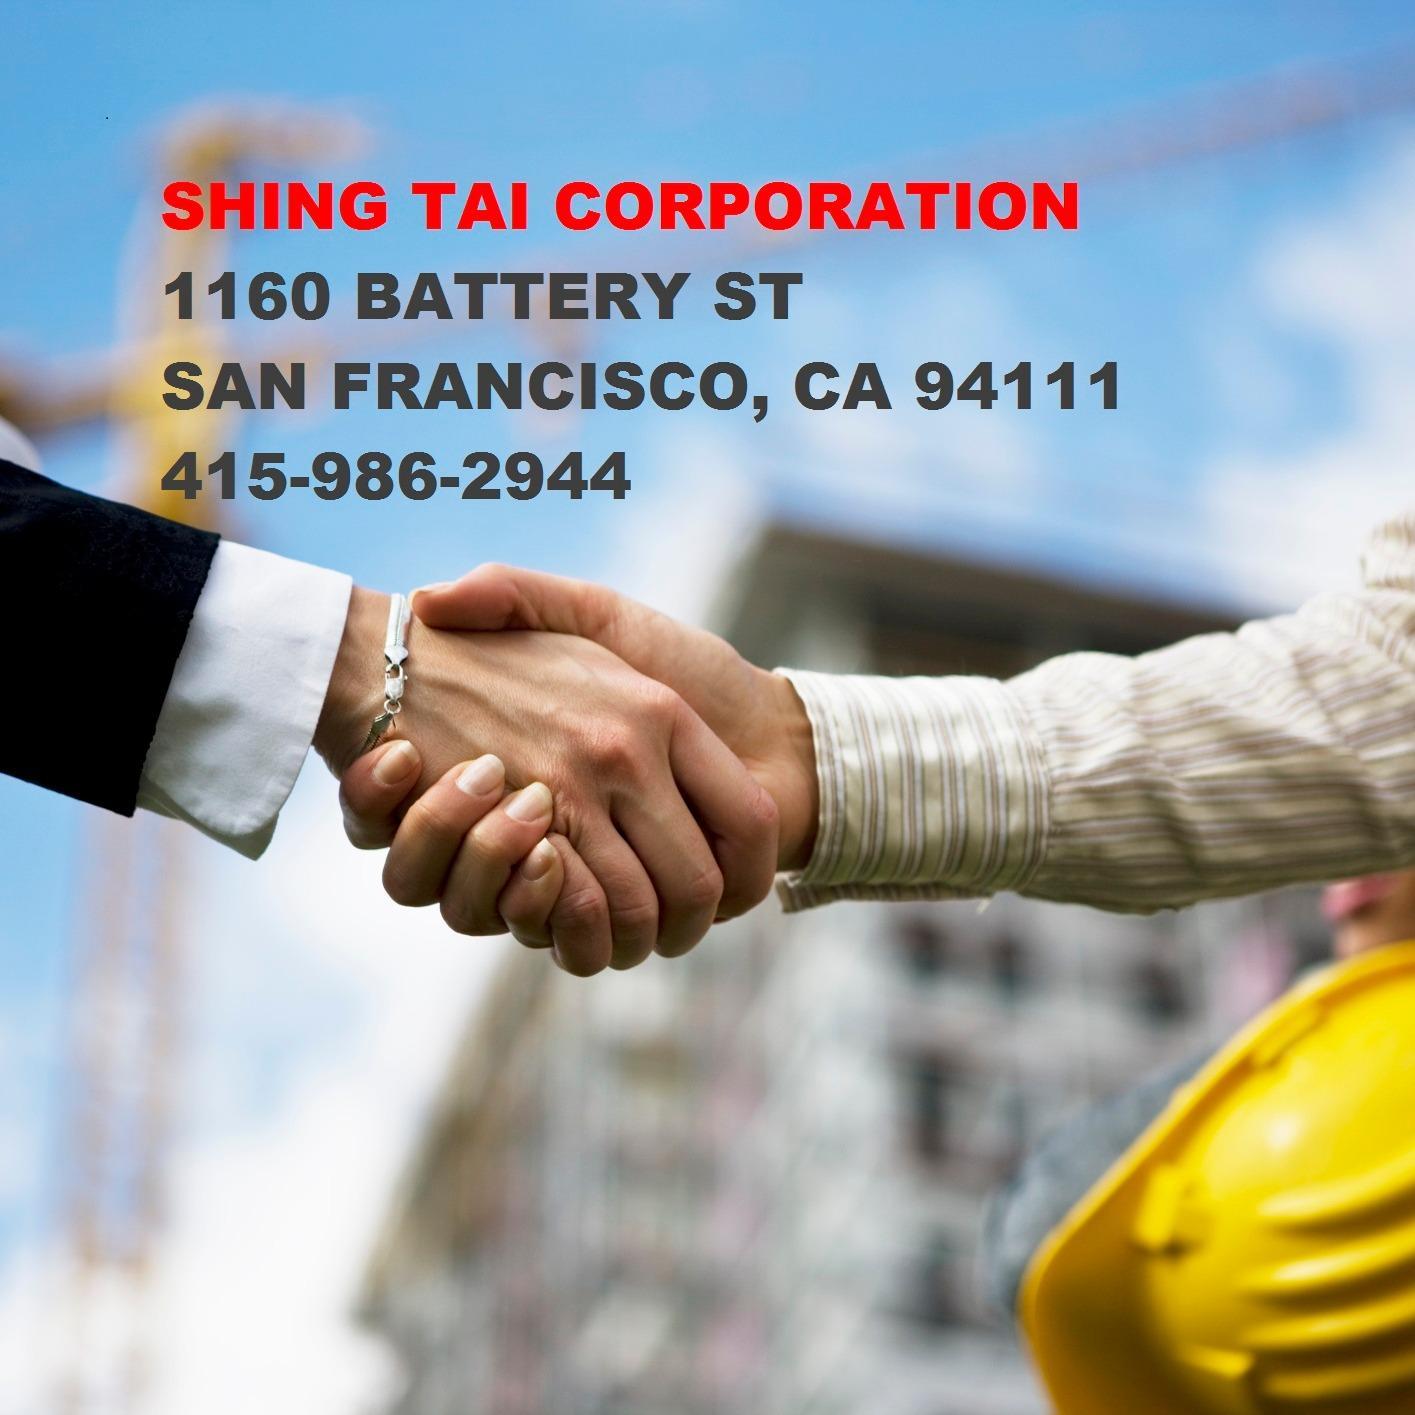 SHING TAI CORPORATION